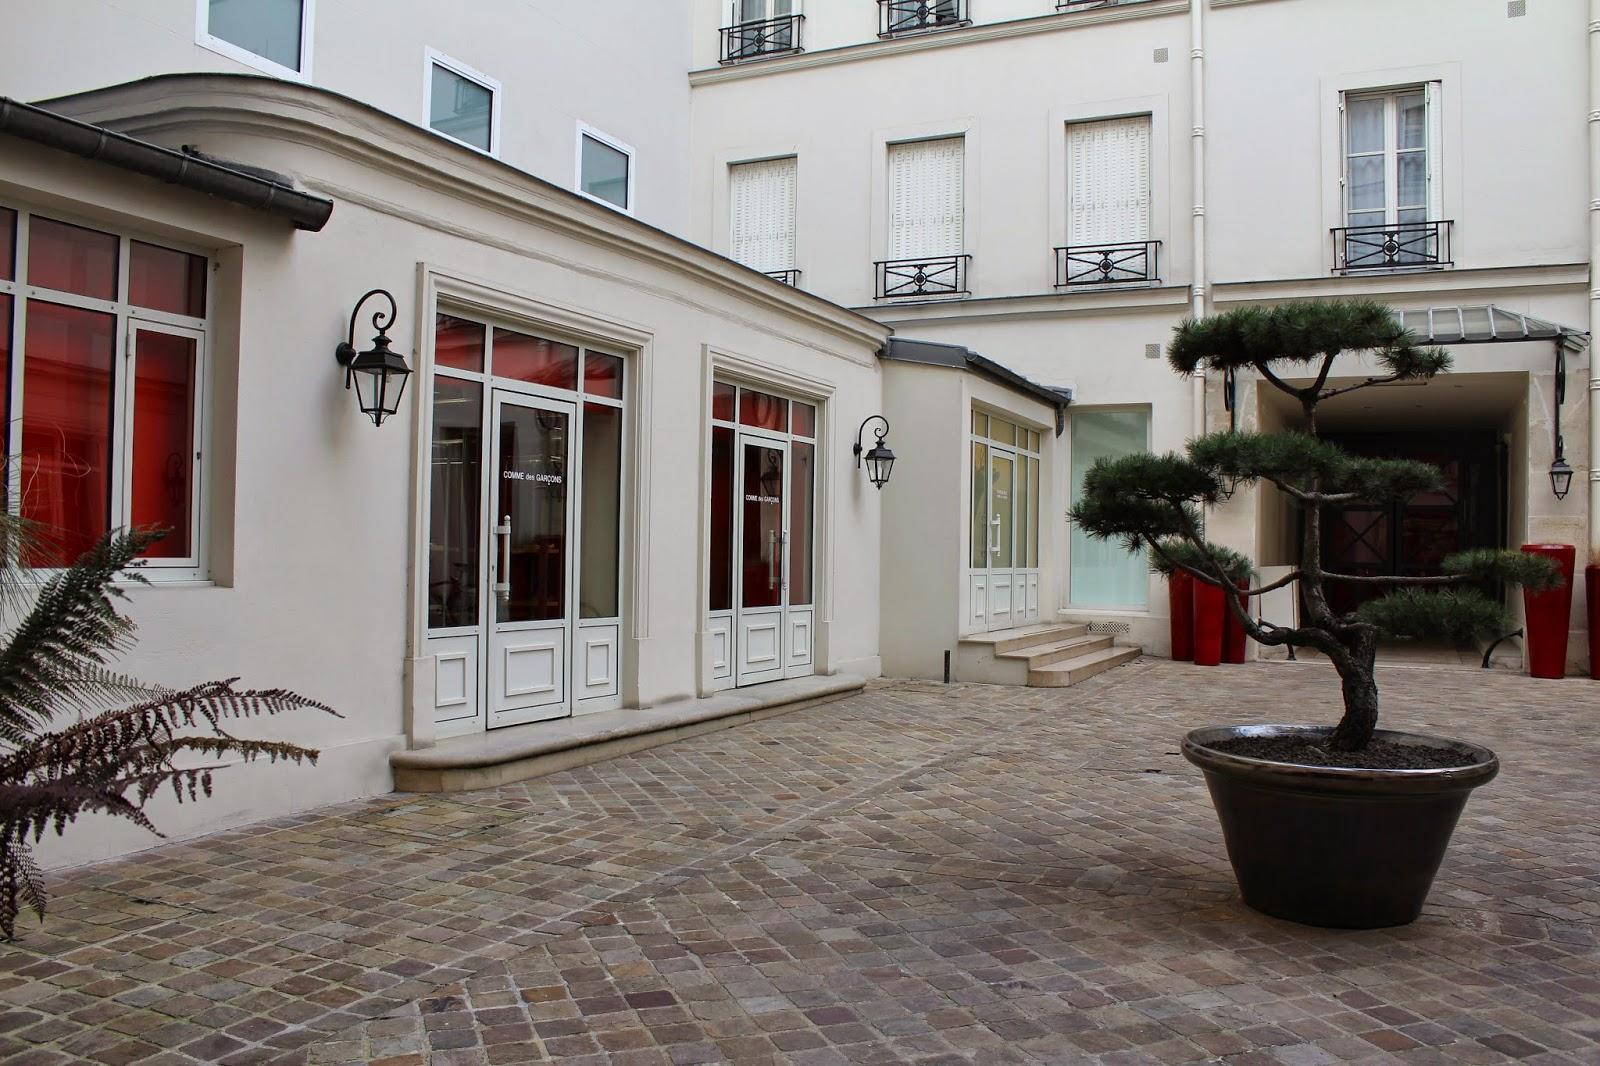 super popular b61fb 9edc0 MILANO // MOSCOW: Places in Paris // Comme des Garçons ...